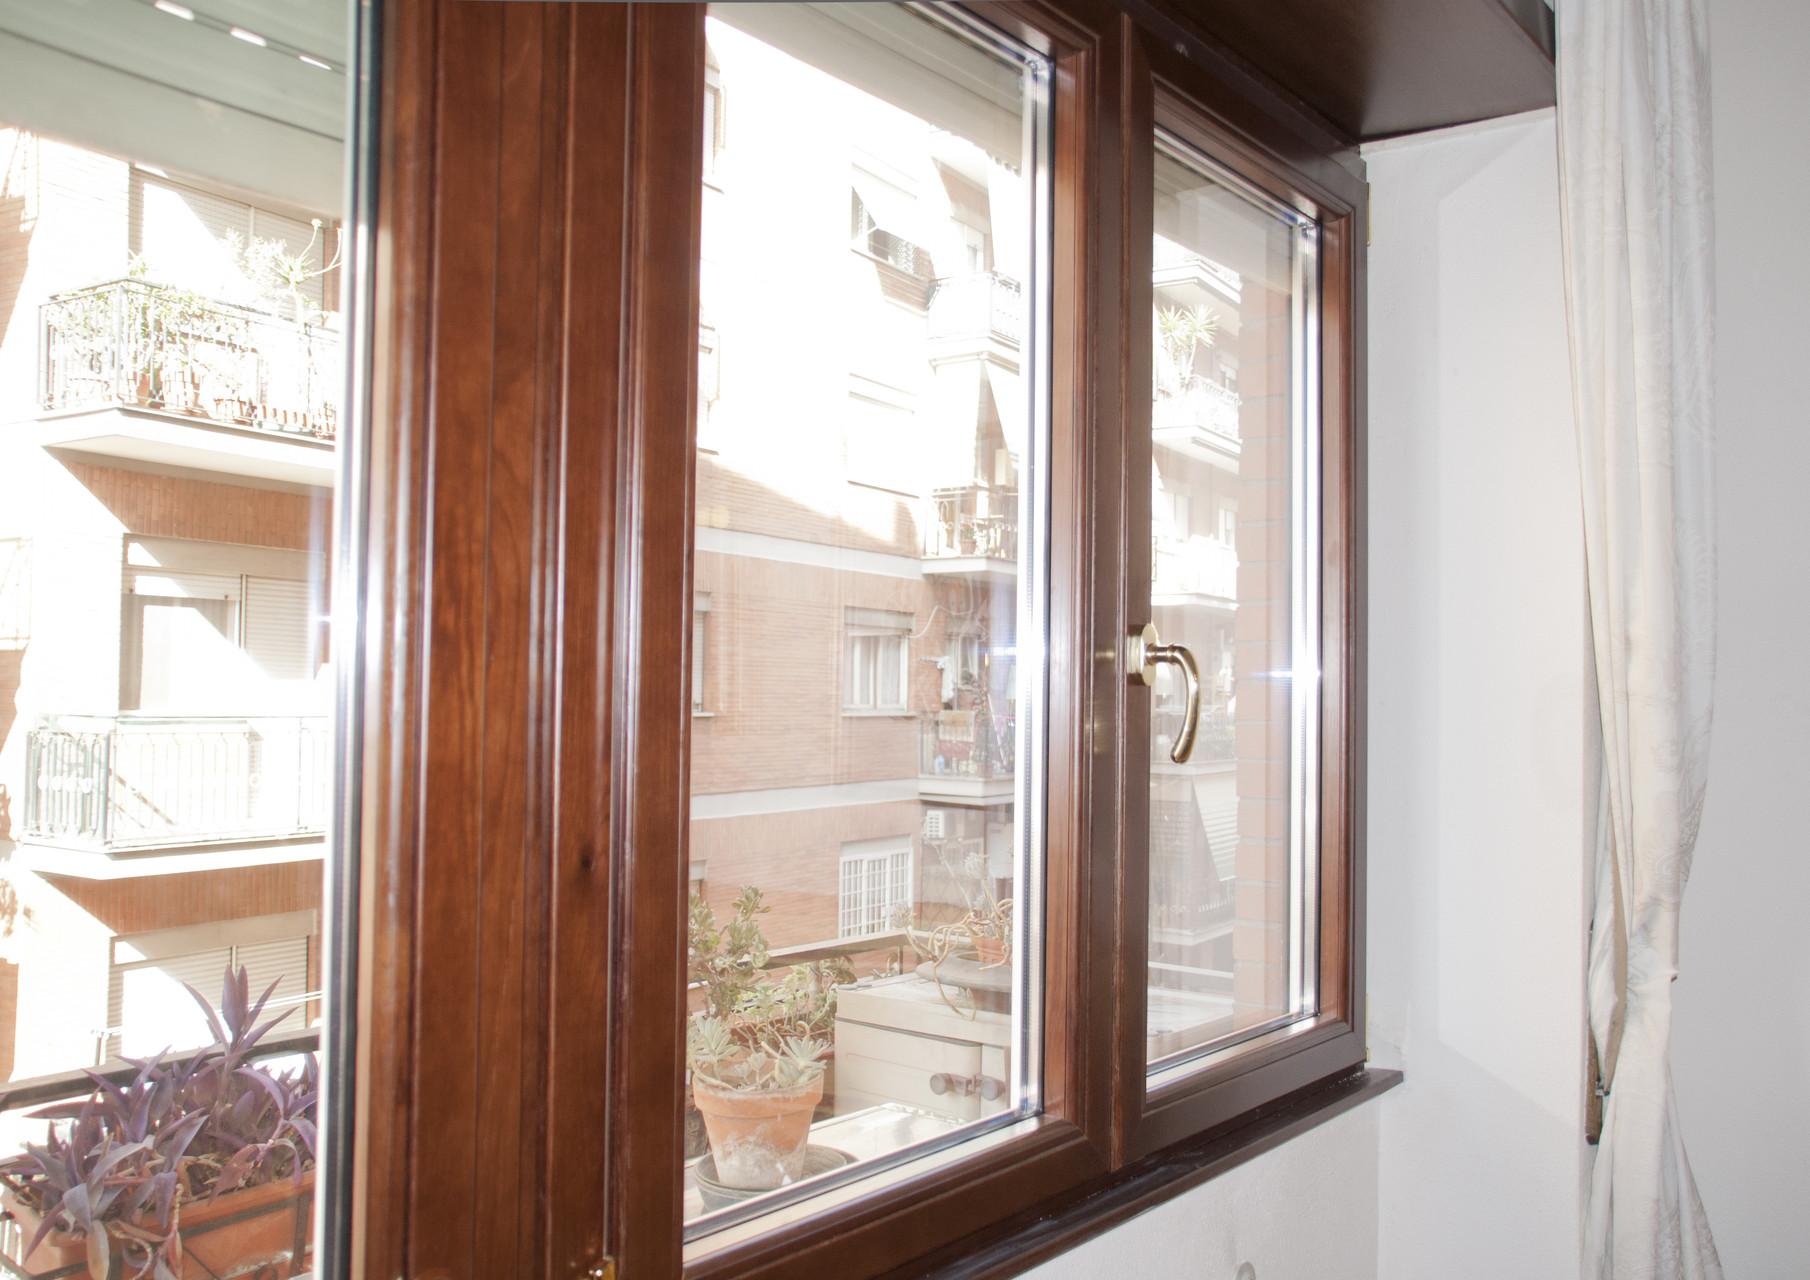 Fabbro serrature porte infissi cilindro europeo a roma e provincia fabrizio di lernia df - Serrature per finestre ...